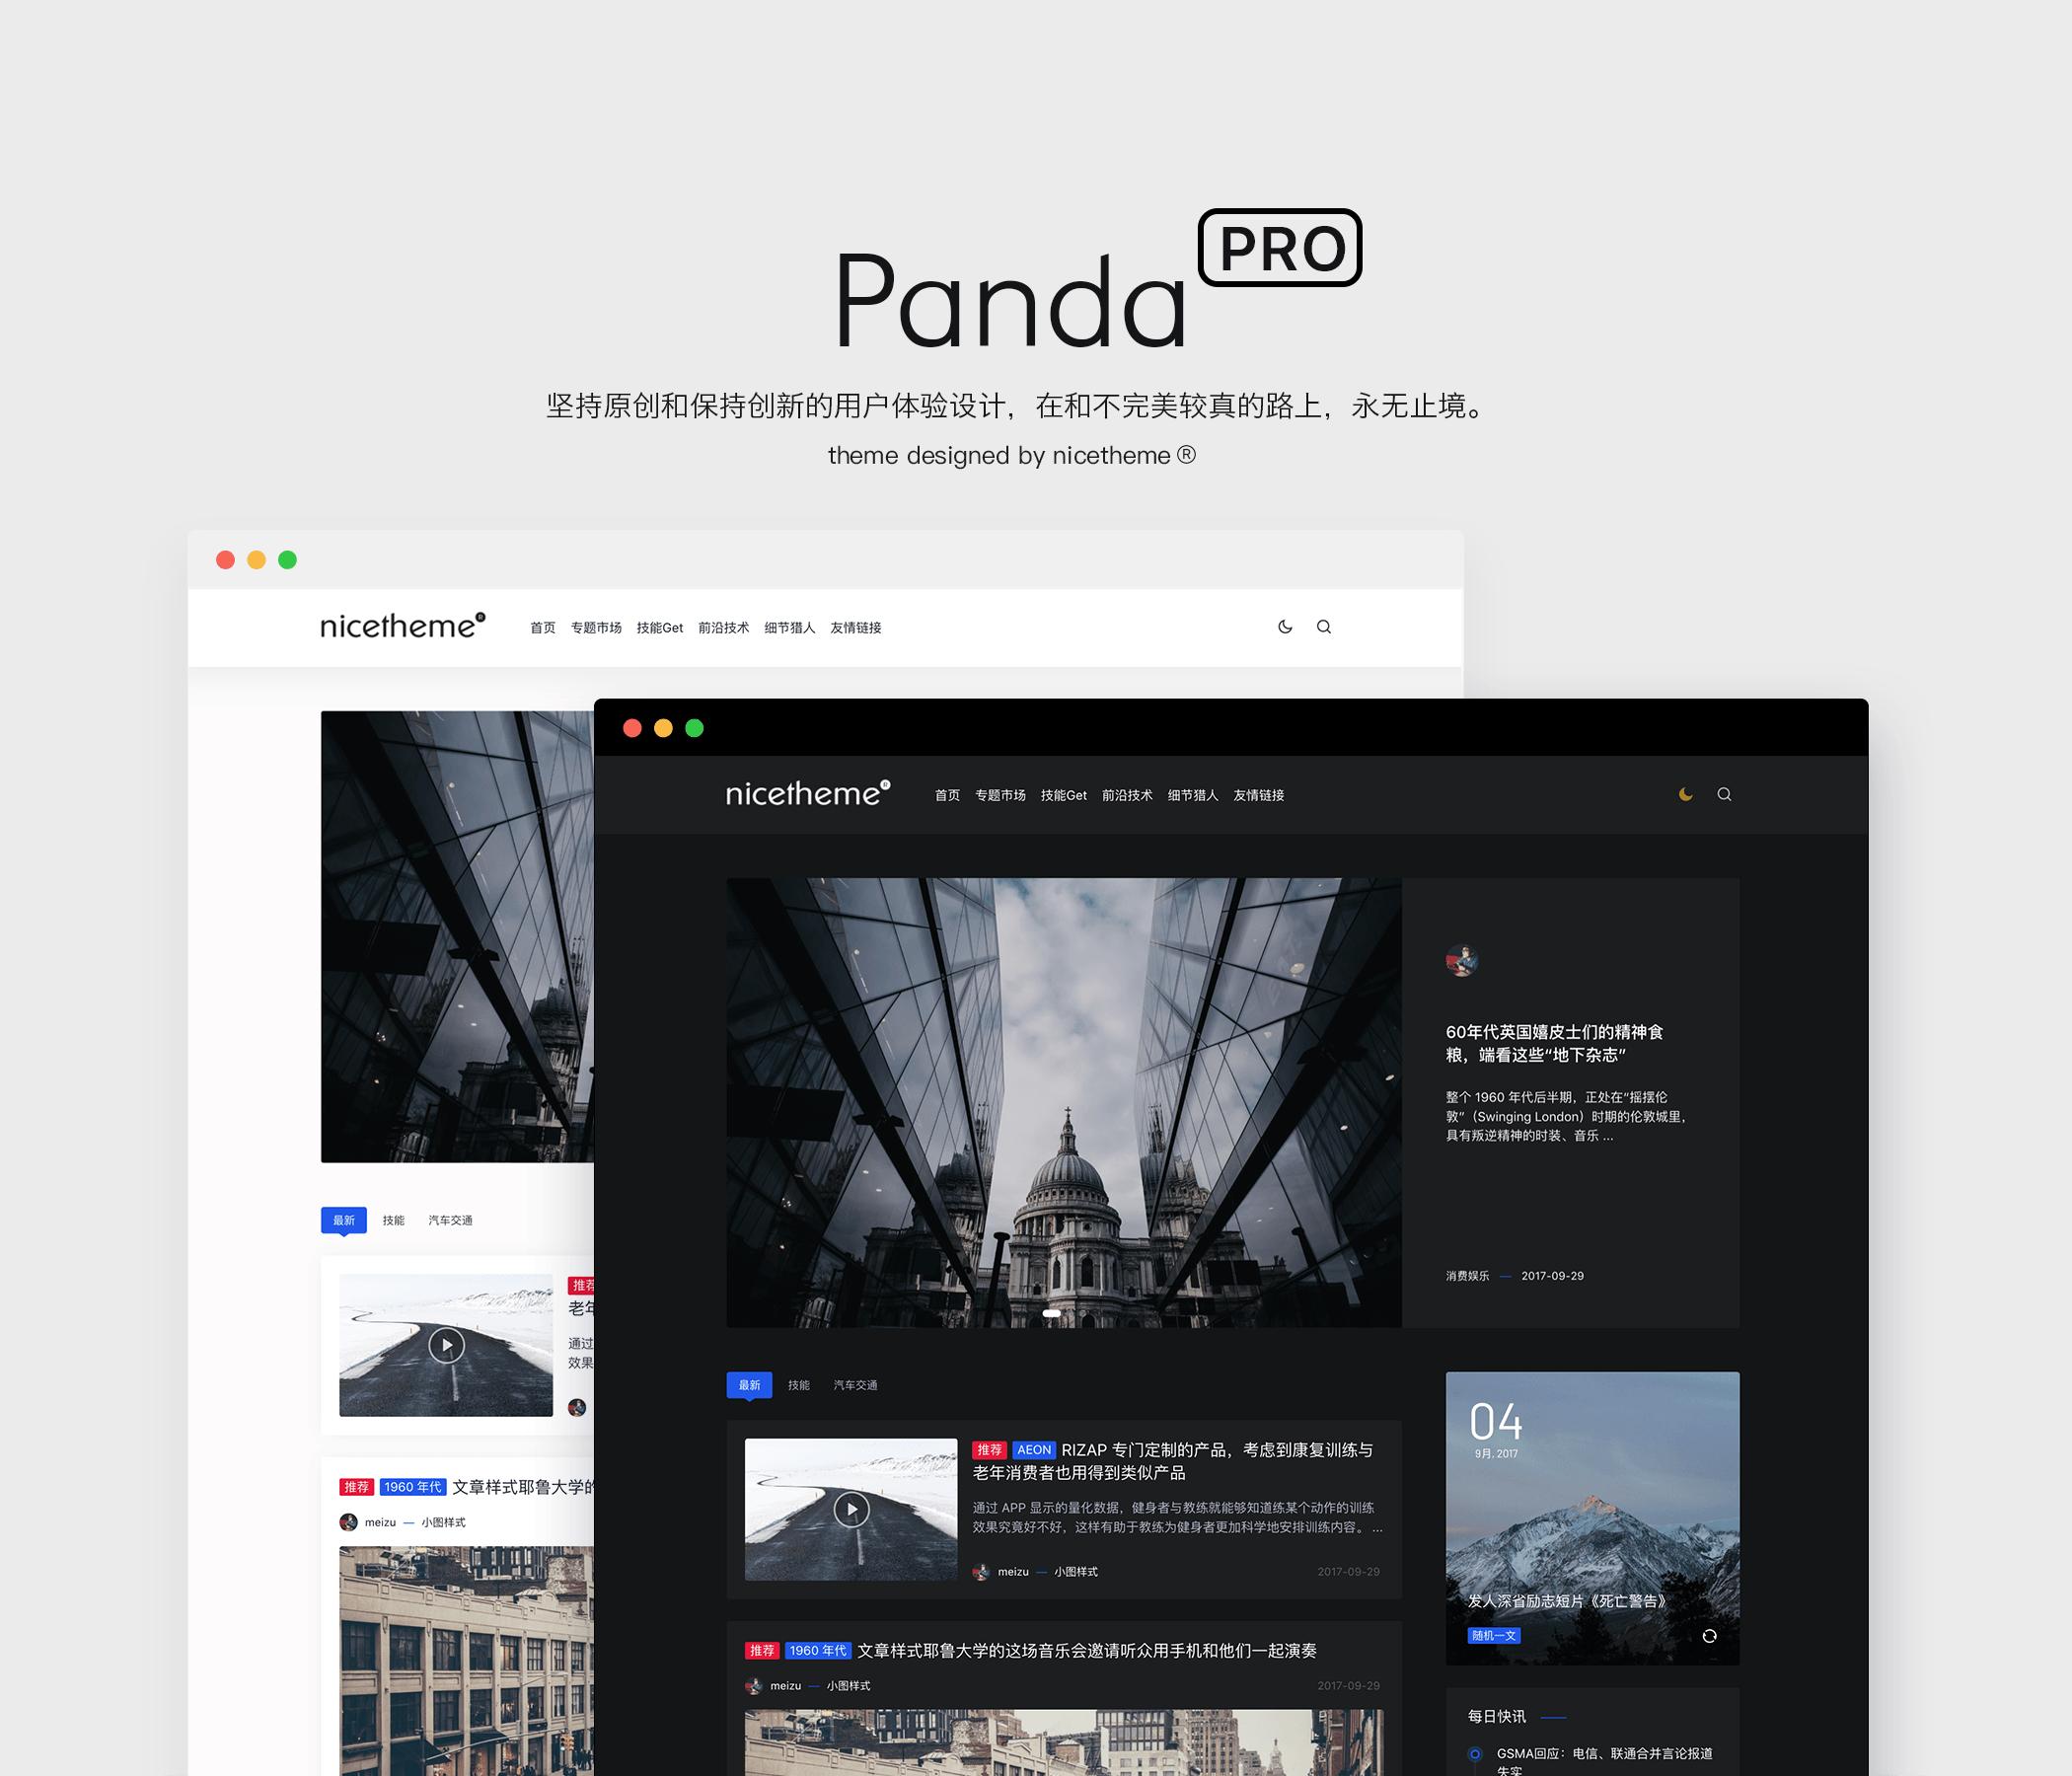 nicetheme 原创昼夜双版WordPress资讯主题:Panda PRO